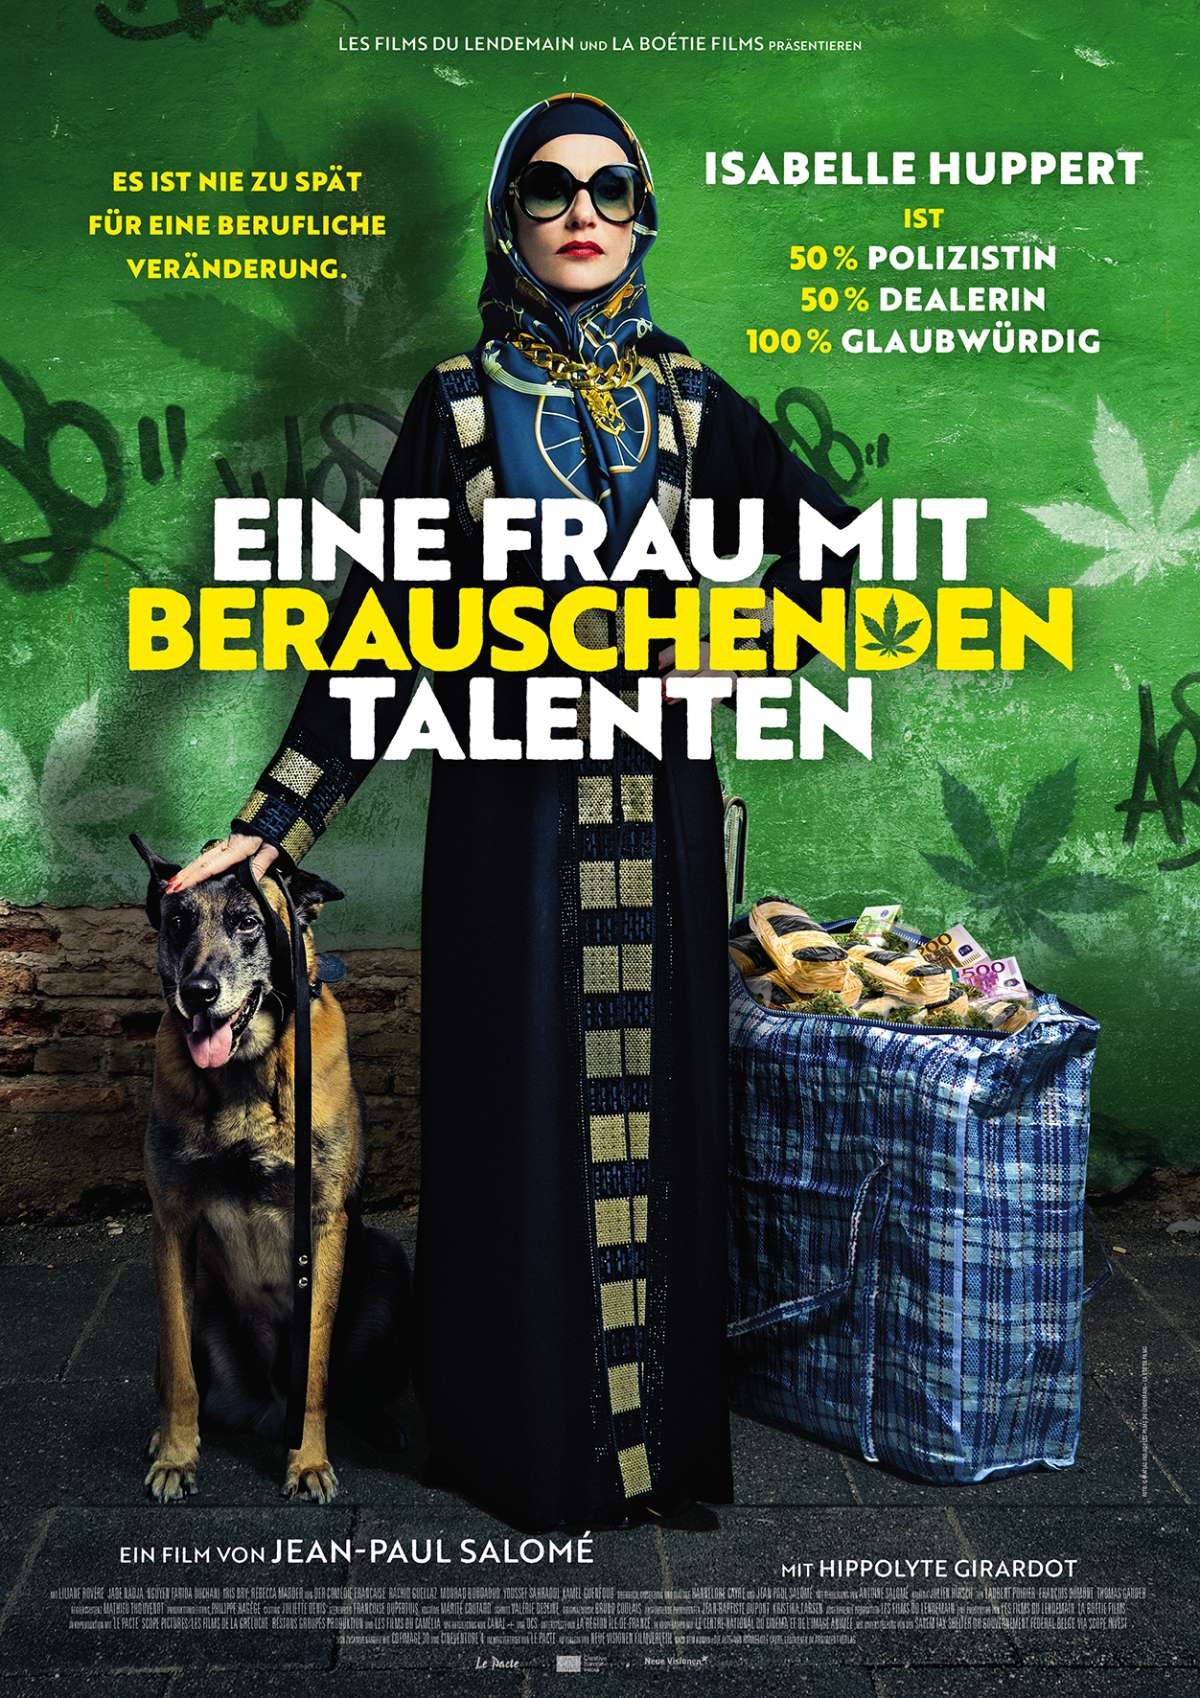 Eine Frau mit berauschenden Talenten - Cineplex  - Warburg